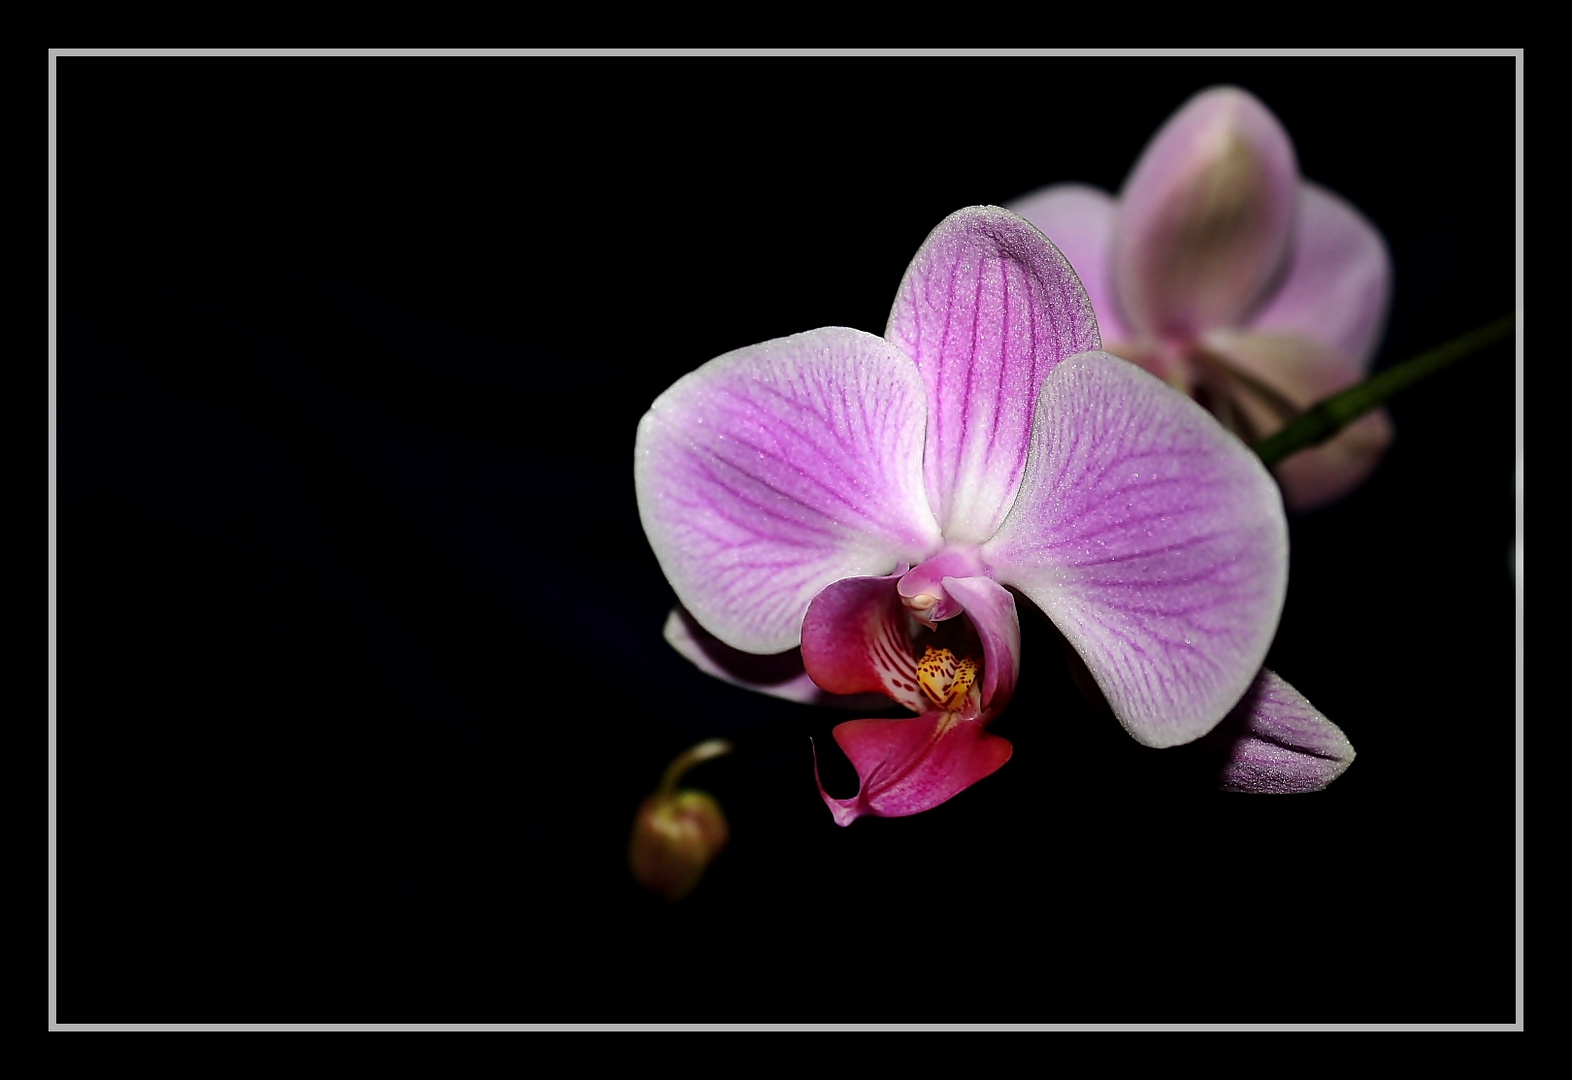 la fleur divina